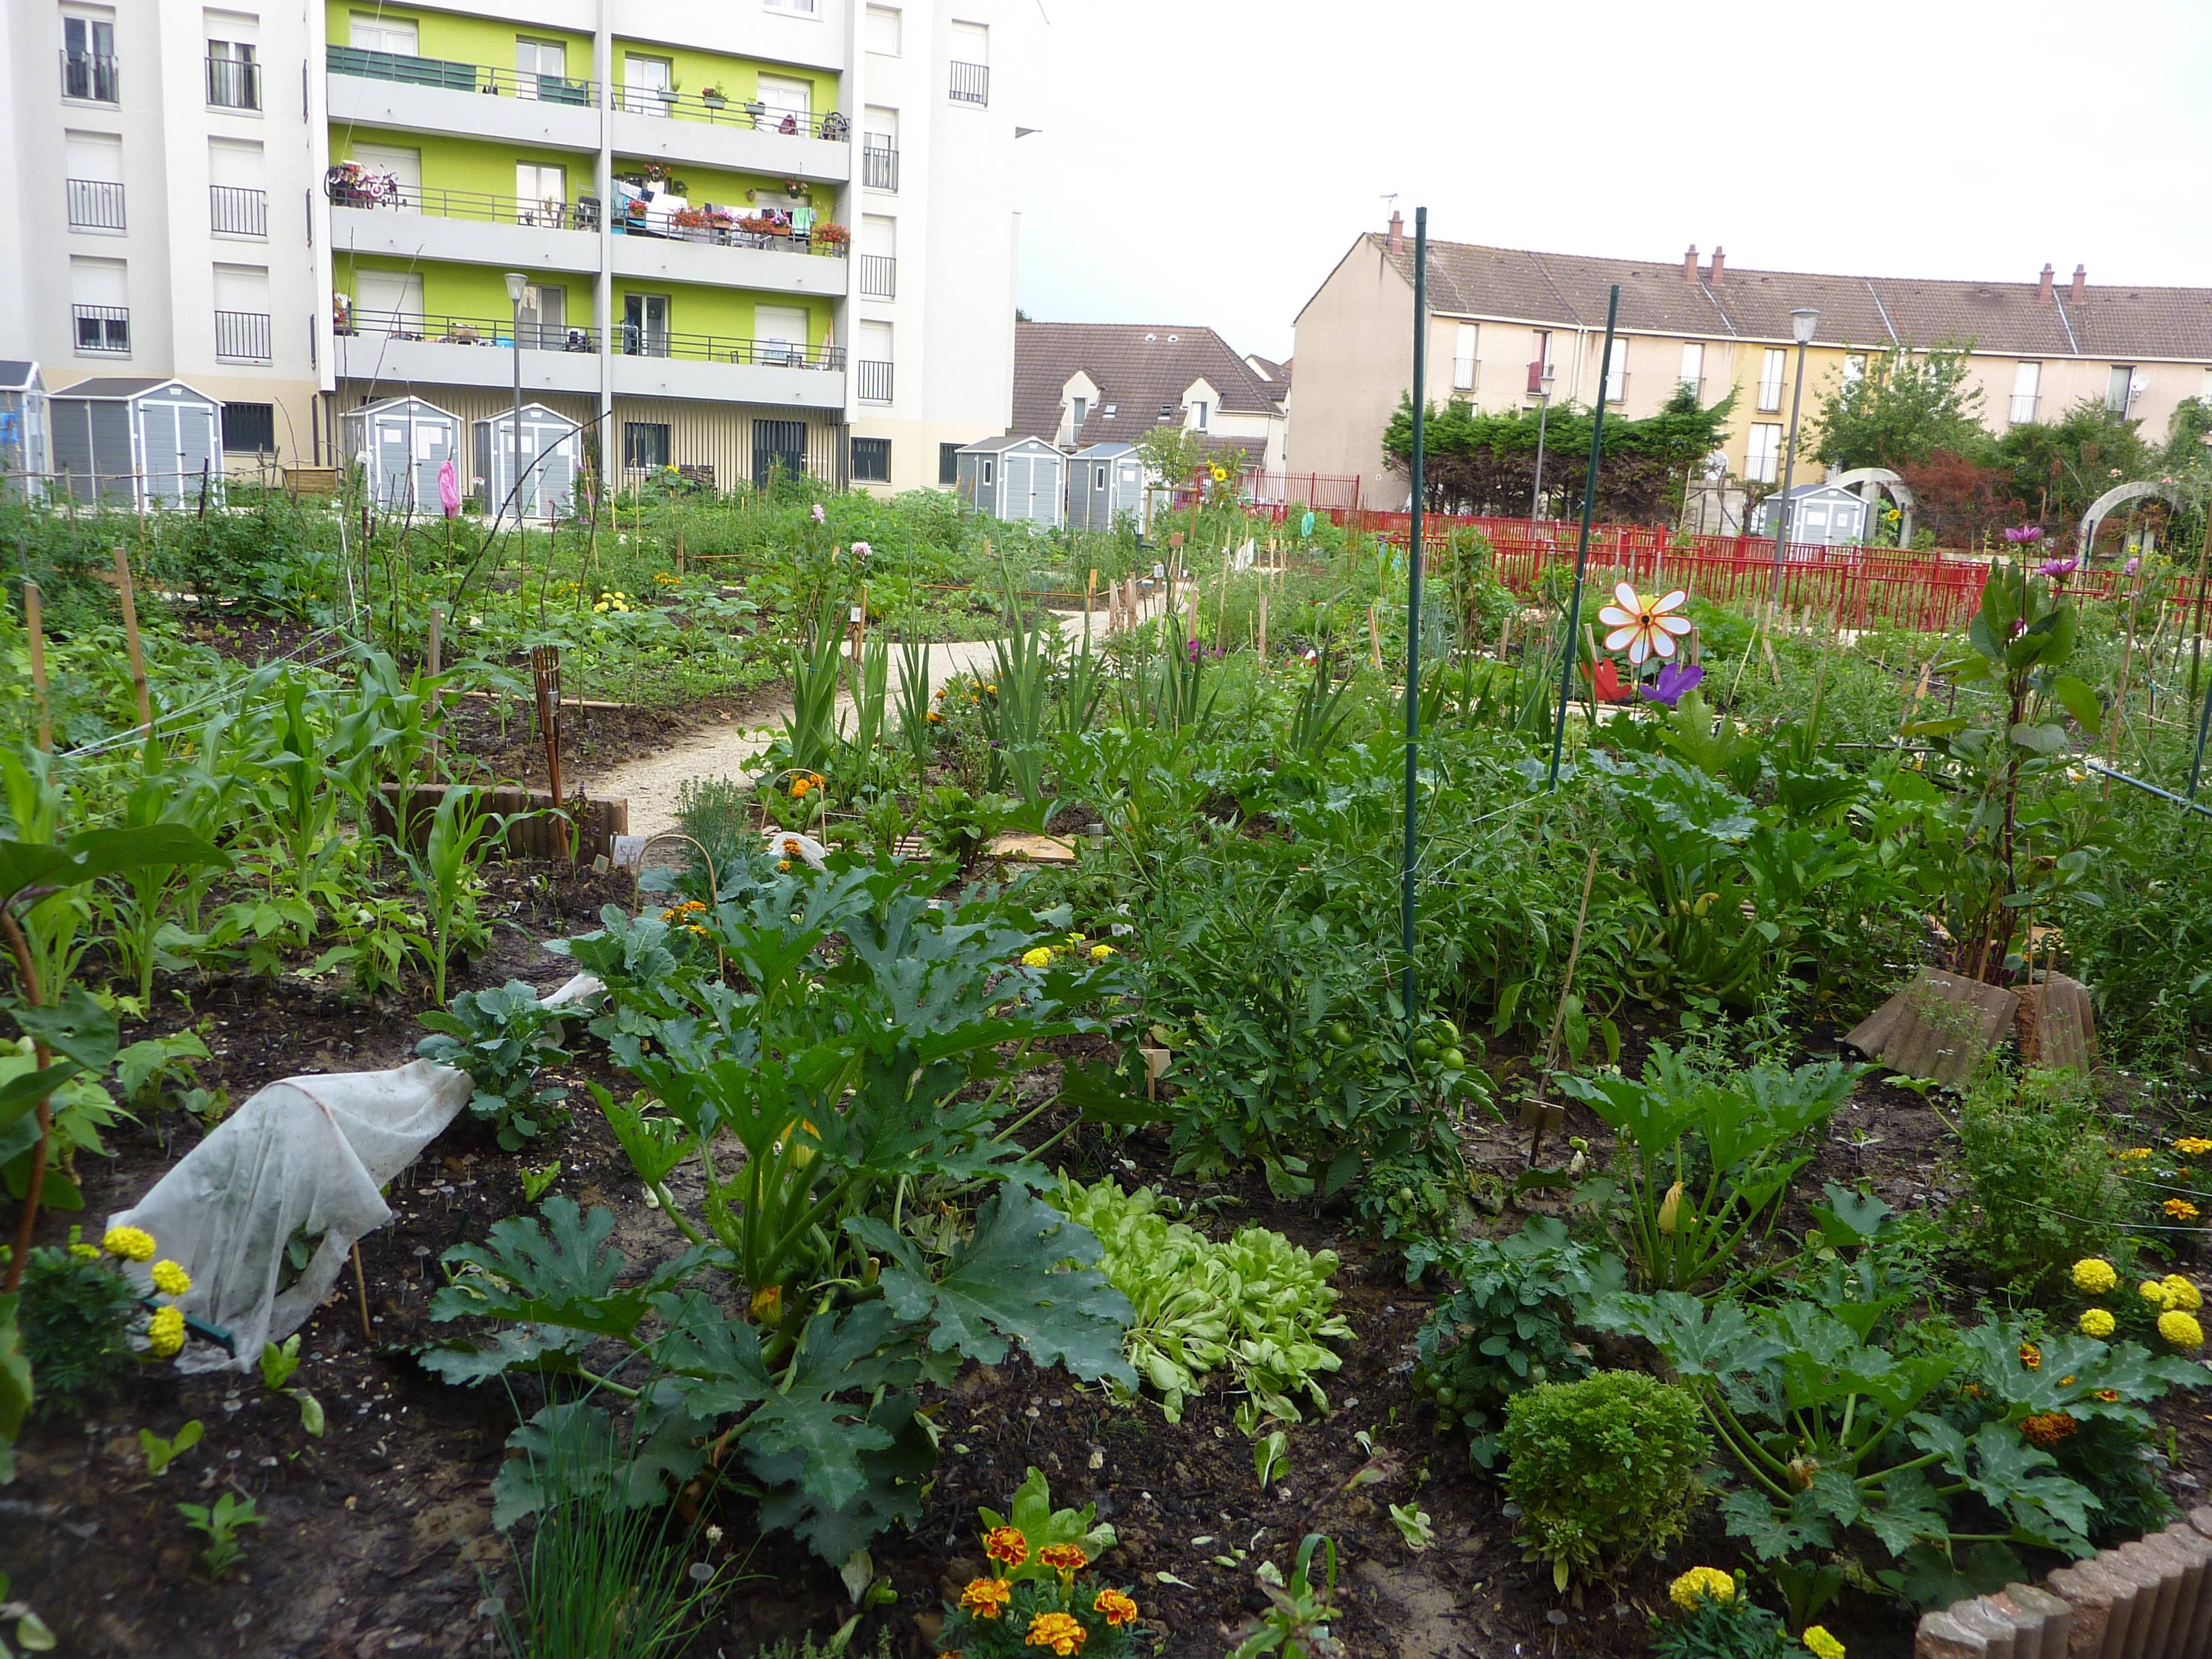 Aulnay sous bois les jardins partag s du gros saule - Mobilier jardin but aulnay sous bois ...